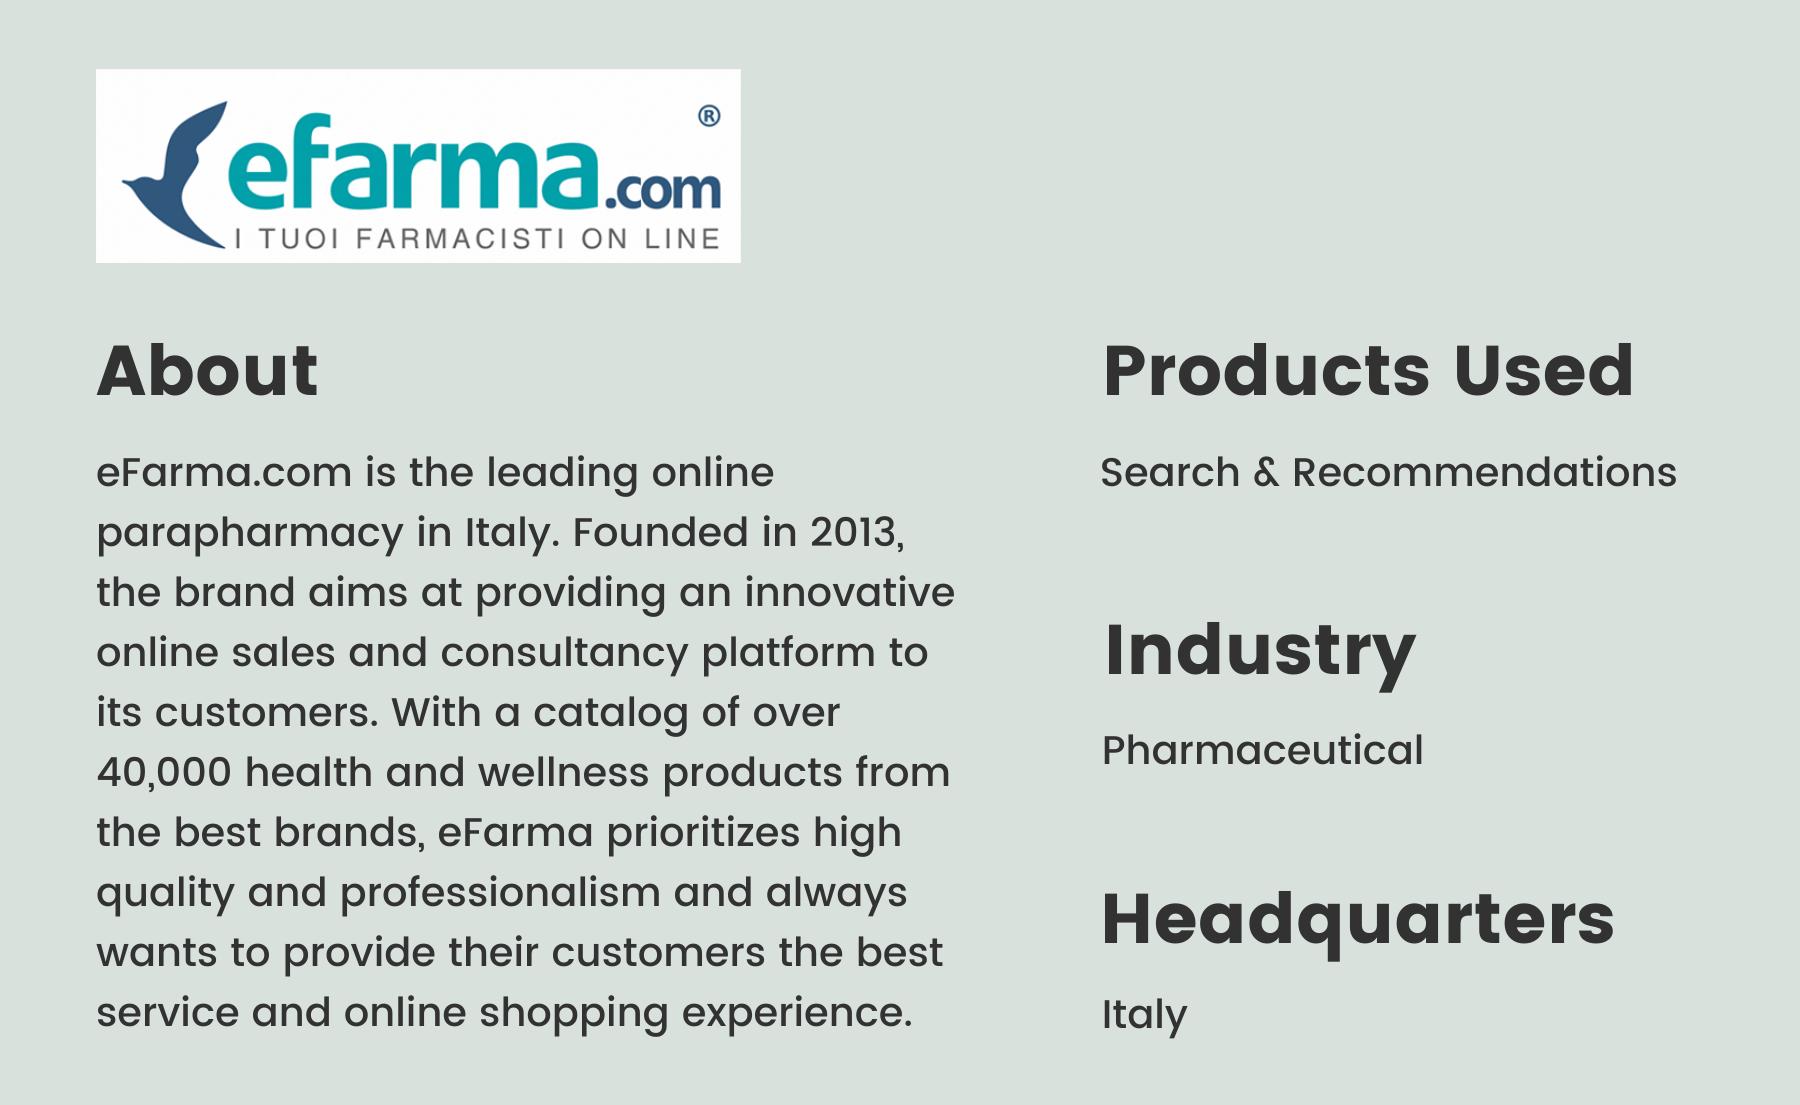 eFarma brandbio